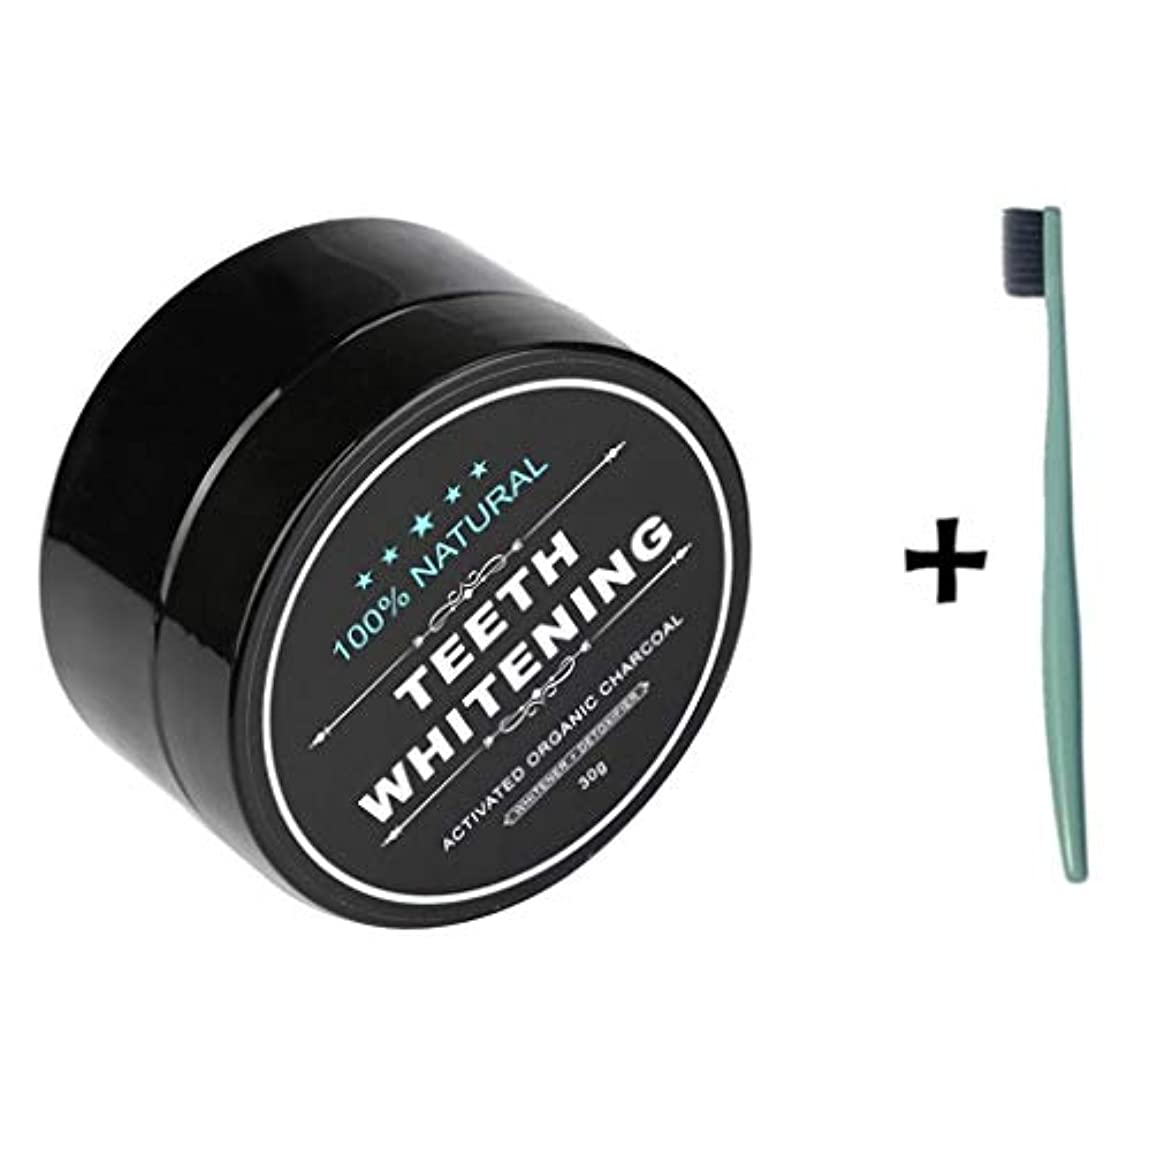 防止安全液化するKOROWA 歯磨きパウダー 竹炭歯ブラシ ホワイトニング 口腔衛生 ブラシ付け 30g